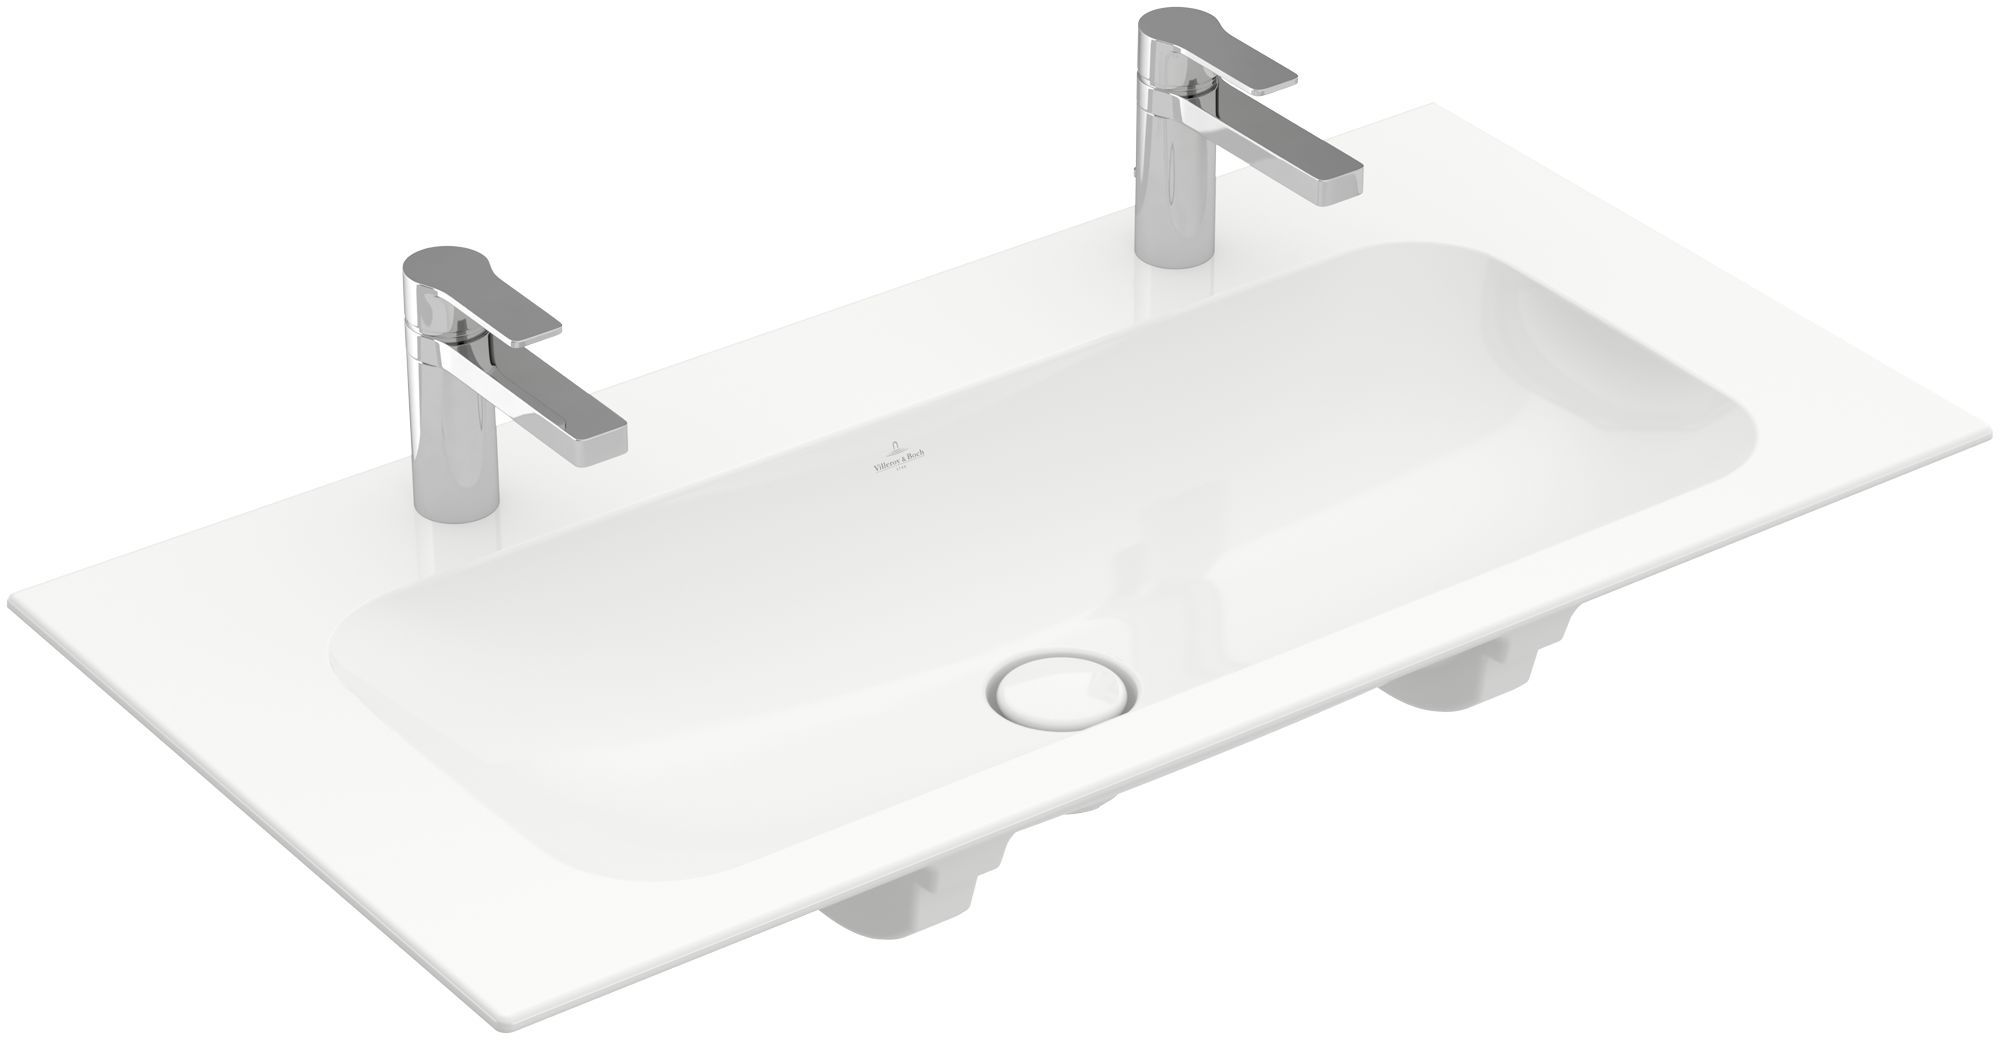 Villeroy & Boch Finion Schrankwaschtisch ohne Überlauf 2x1 Hahnloch B:100xT:50cm ohne Überlauf 2x1 Hahnloch weiß Ceramicplus 4164A1R1